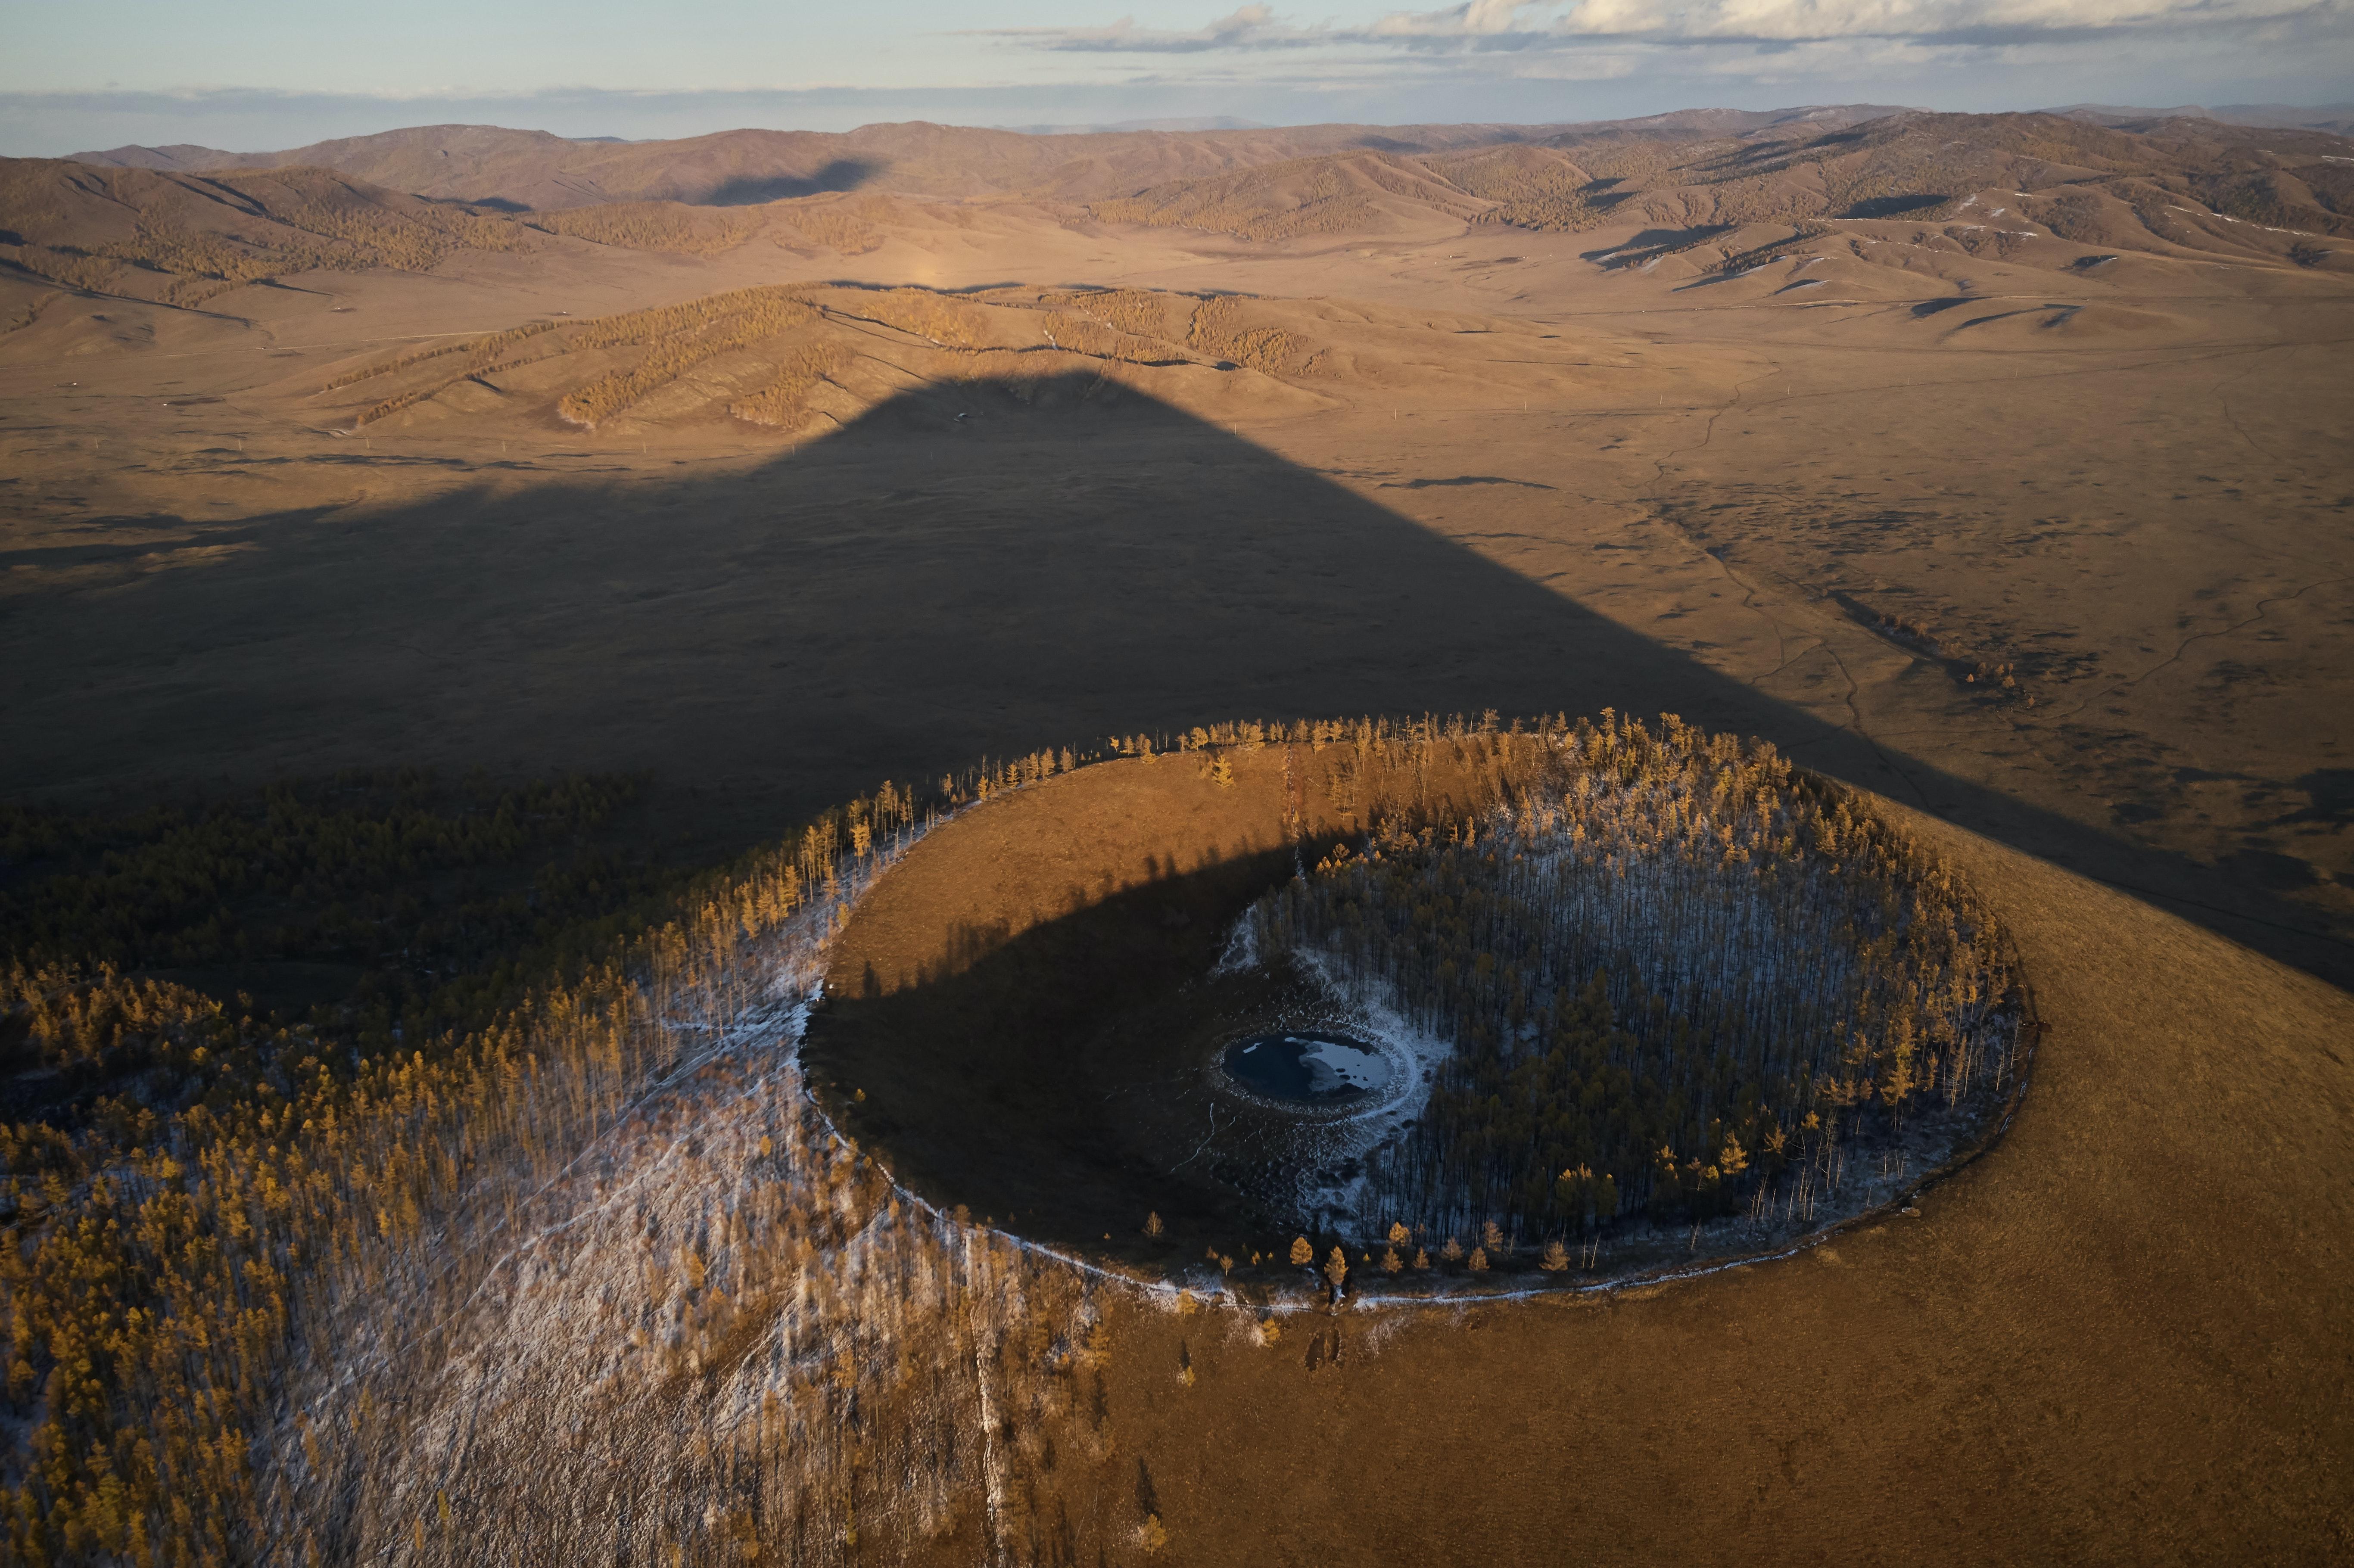 Khorgo Mountain